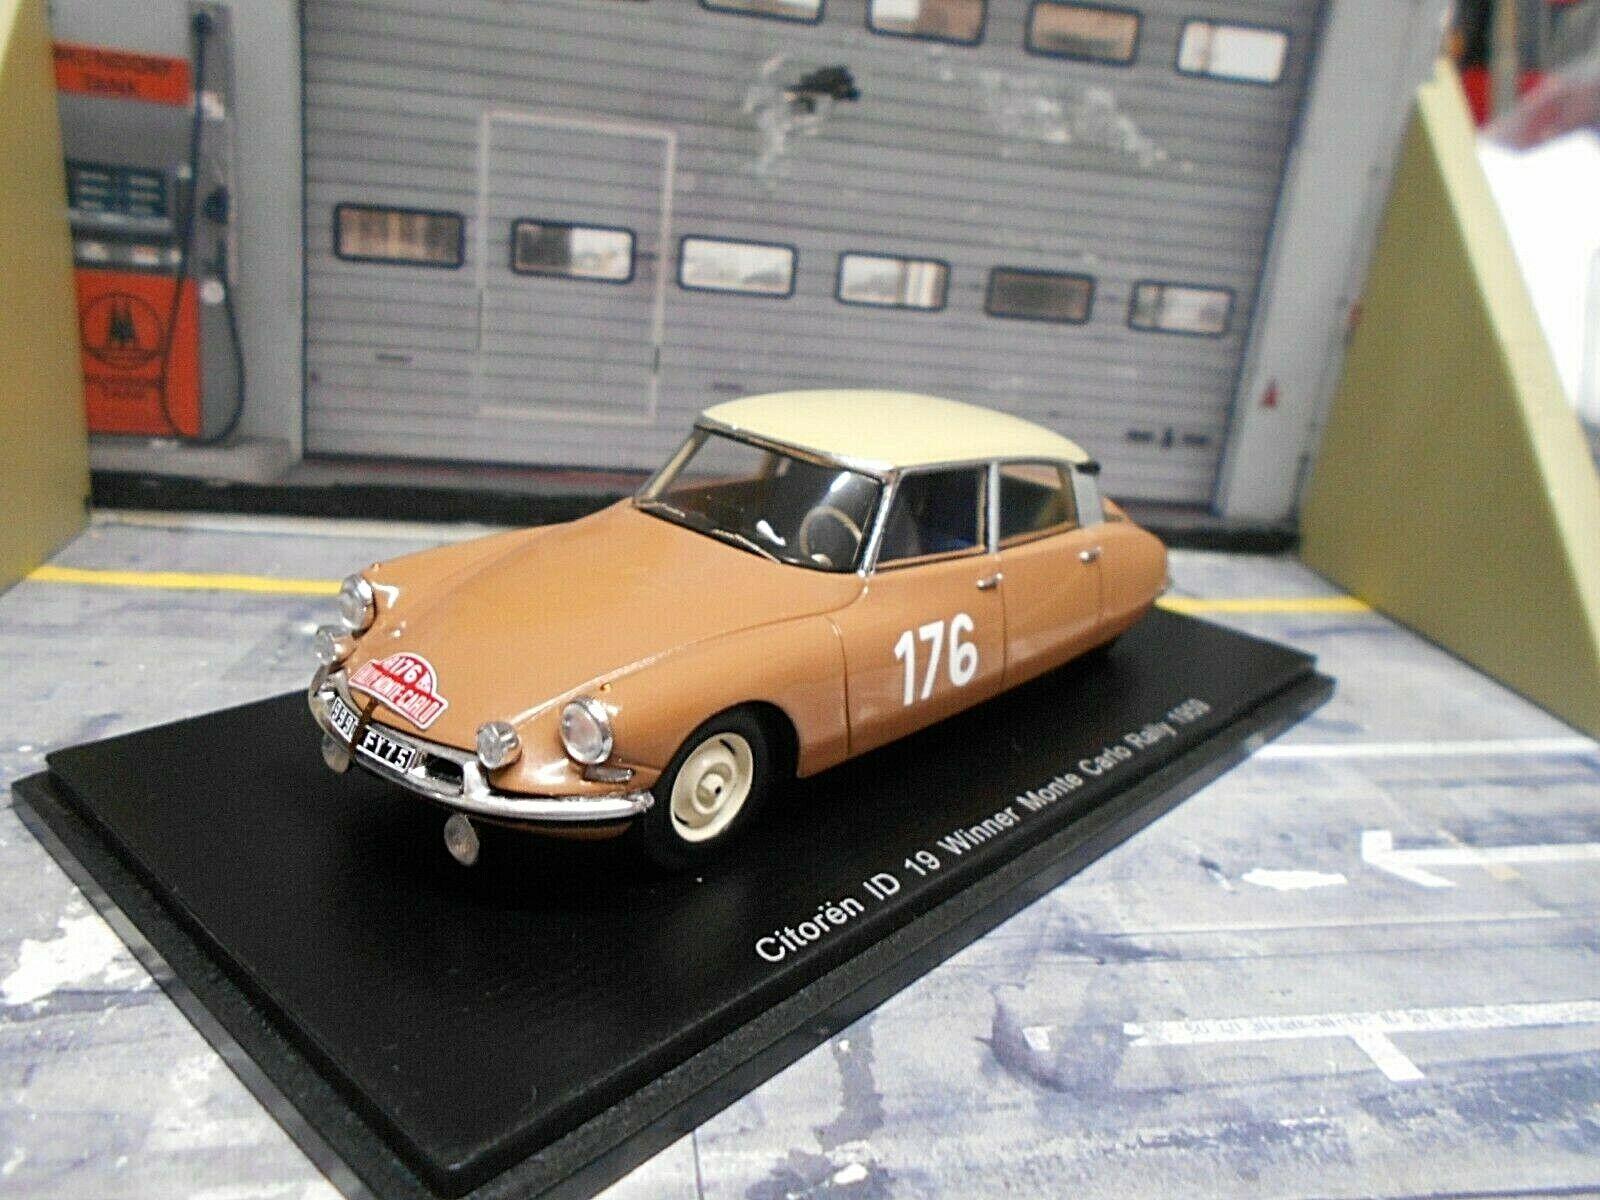 CITROEN ID 19 DS Rallye Monte Carlo 1959  176 Coltelloni Alexandre Spark 1 43